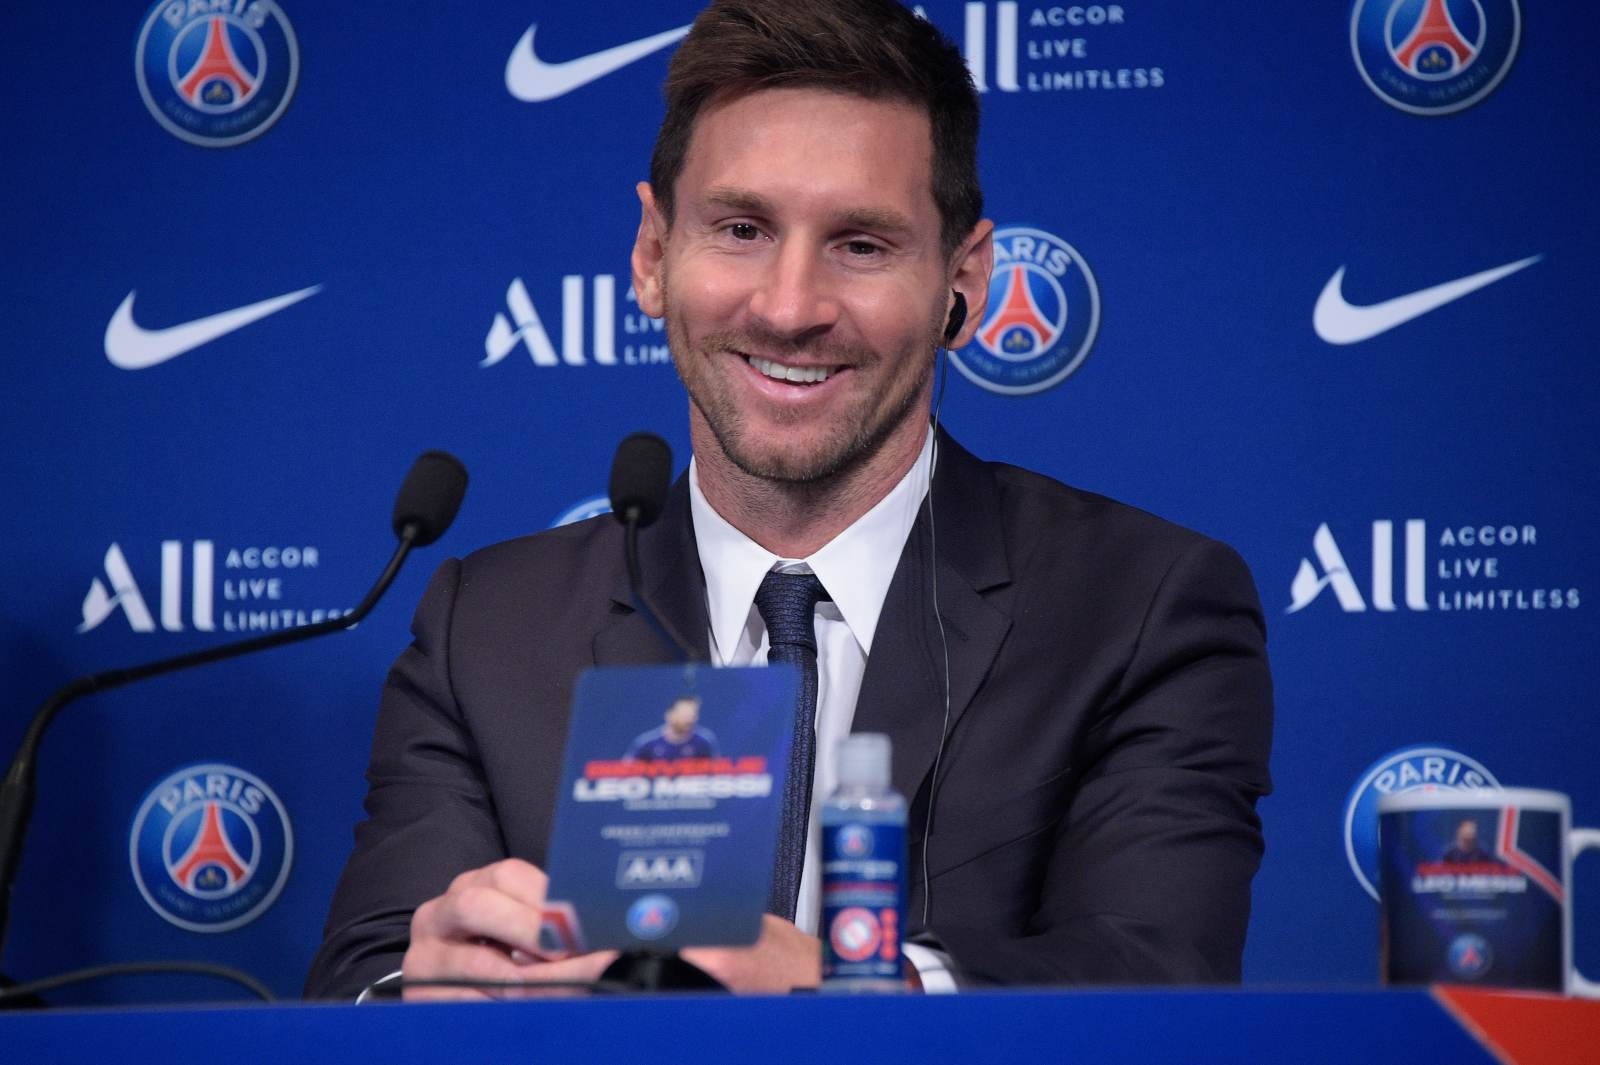 Первый гол Месси за «ПСЖ» пришёлся на команду Гвардиолы: «Манчестер Сити» проиграл в Париже